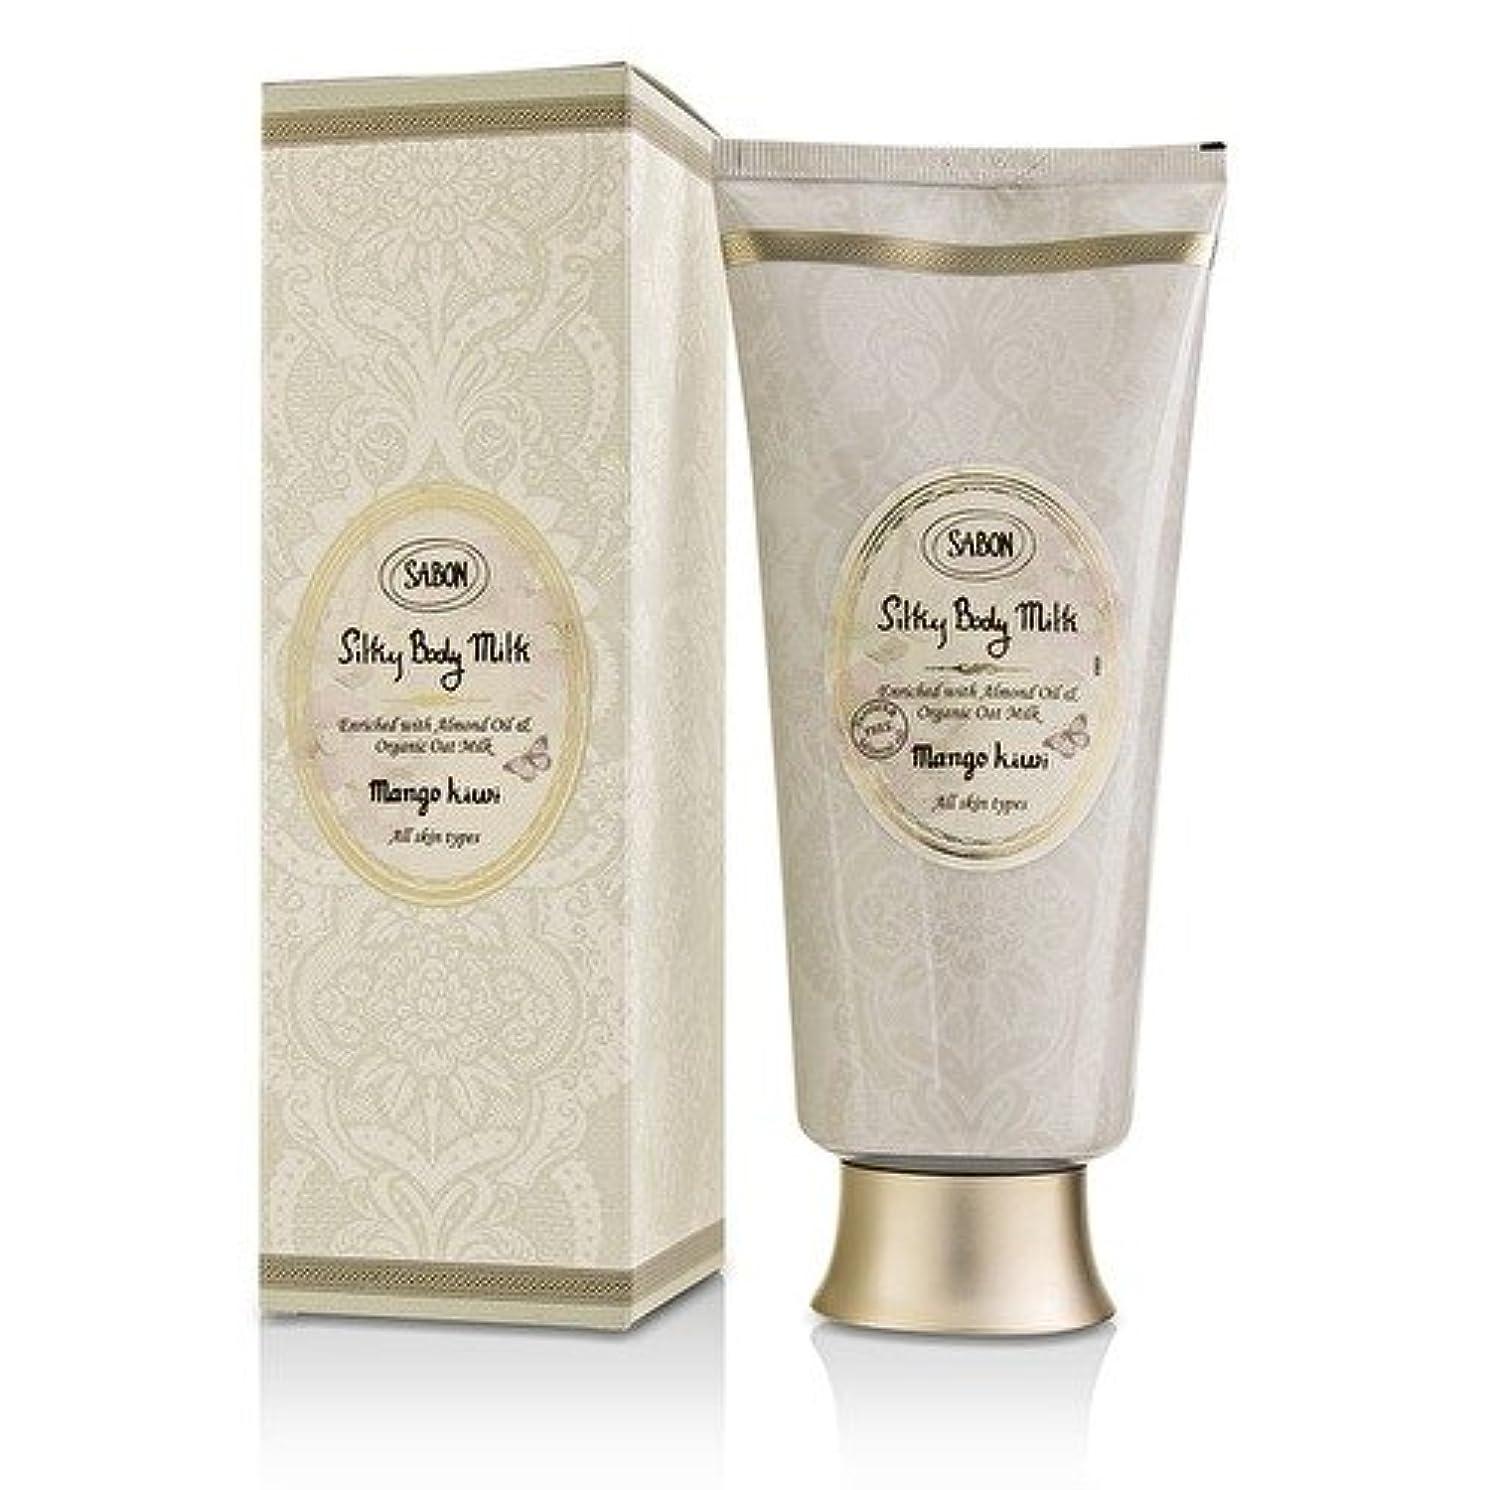 パシフィック修正する意見サボン Silky Body Milk - Mango Kiwi 200ml/7oz並行輸入品